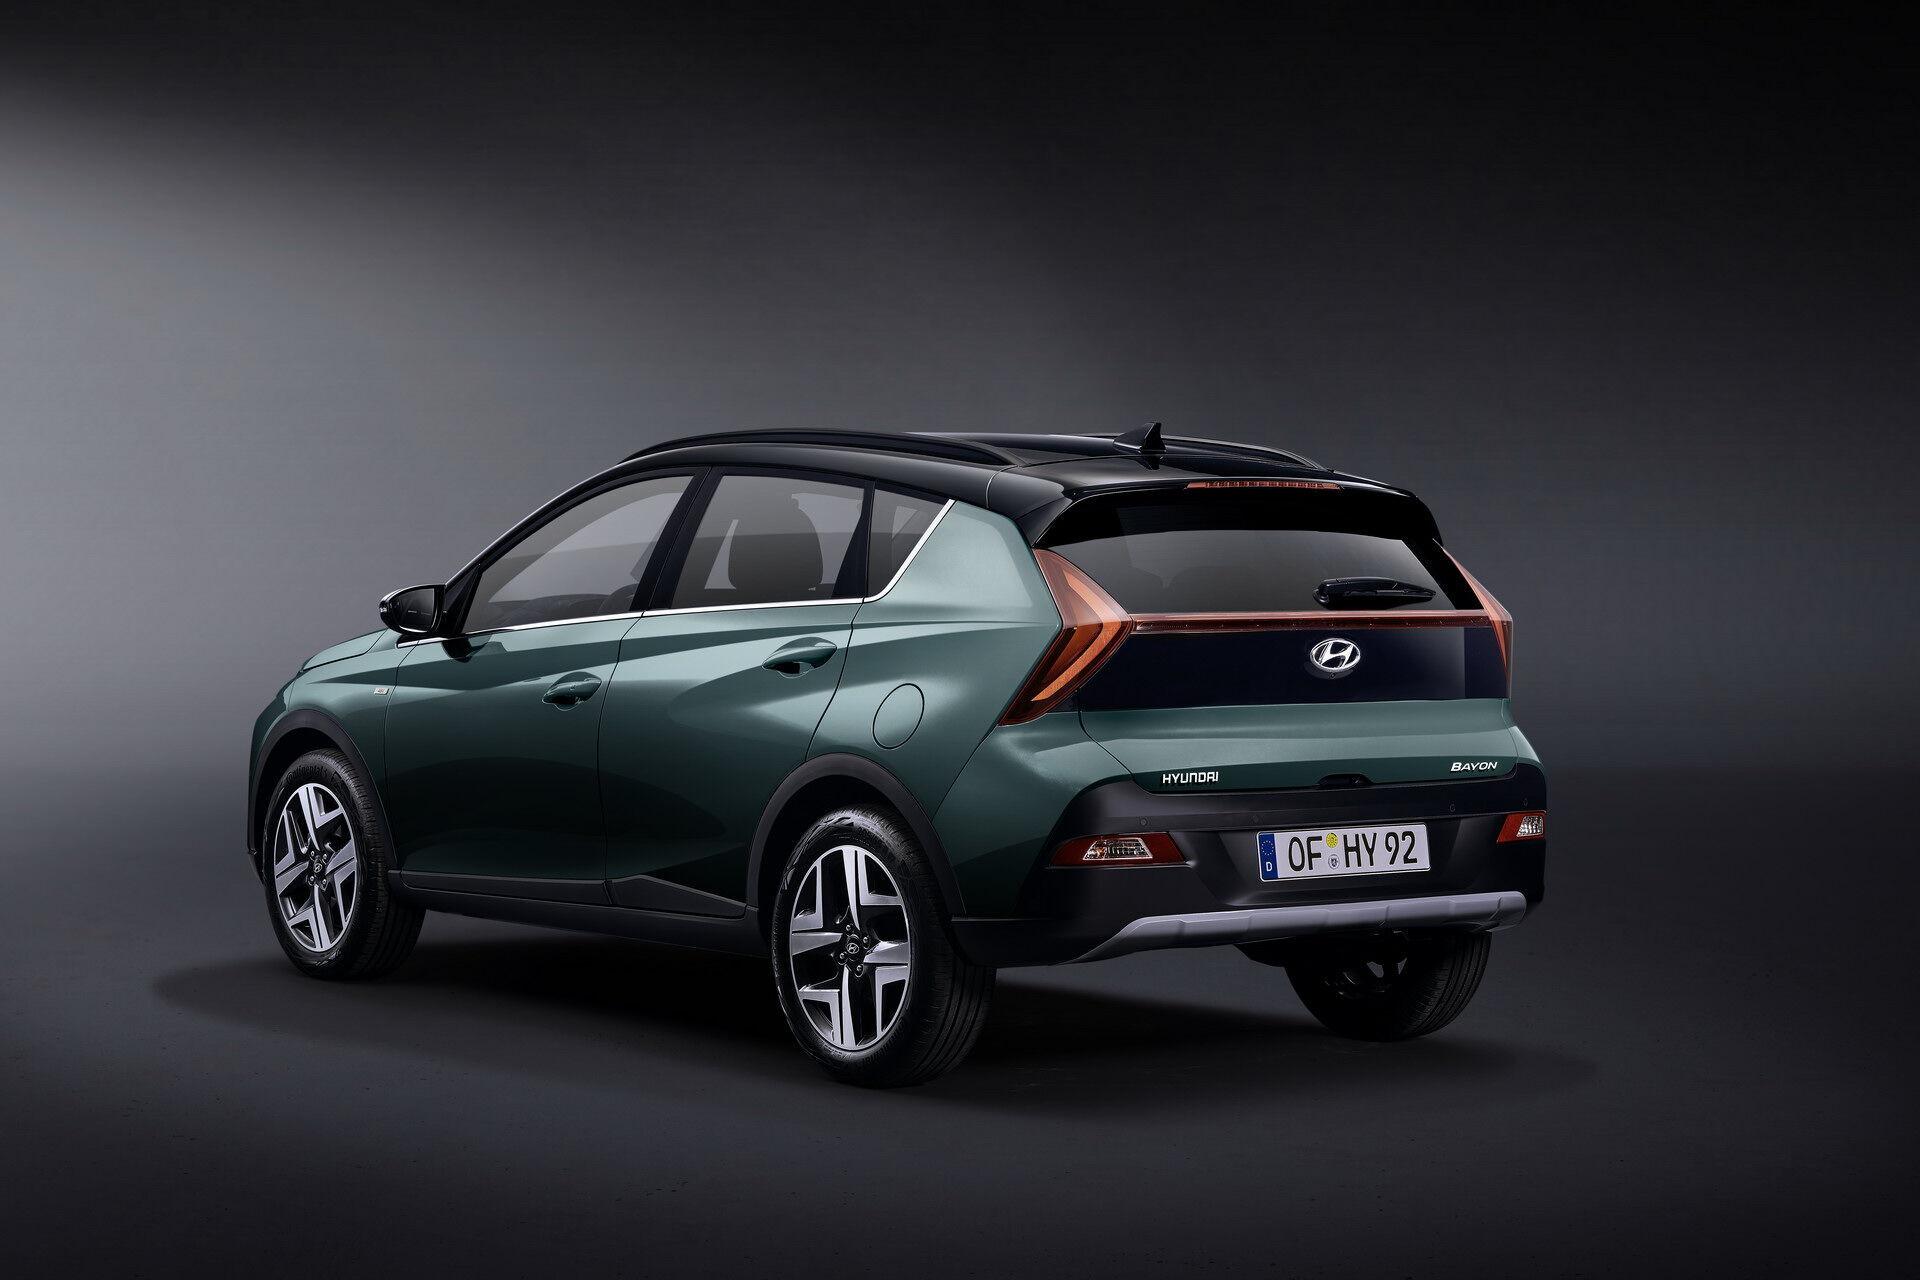 Покупателям предлагается выбрать между двумя бензиновыми двигателями мощностью от 84 до 120 л.с.